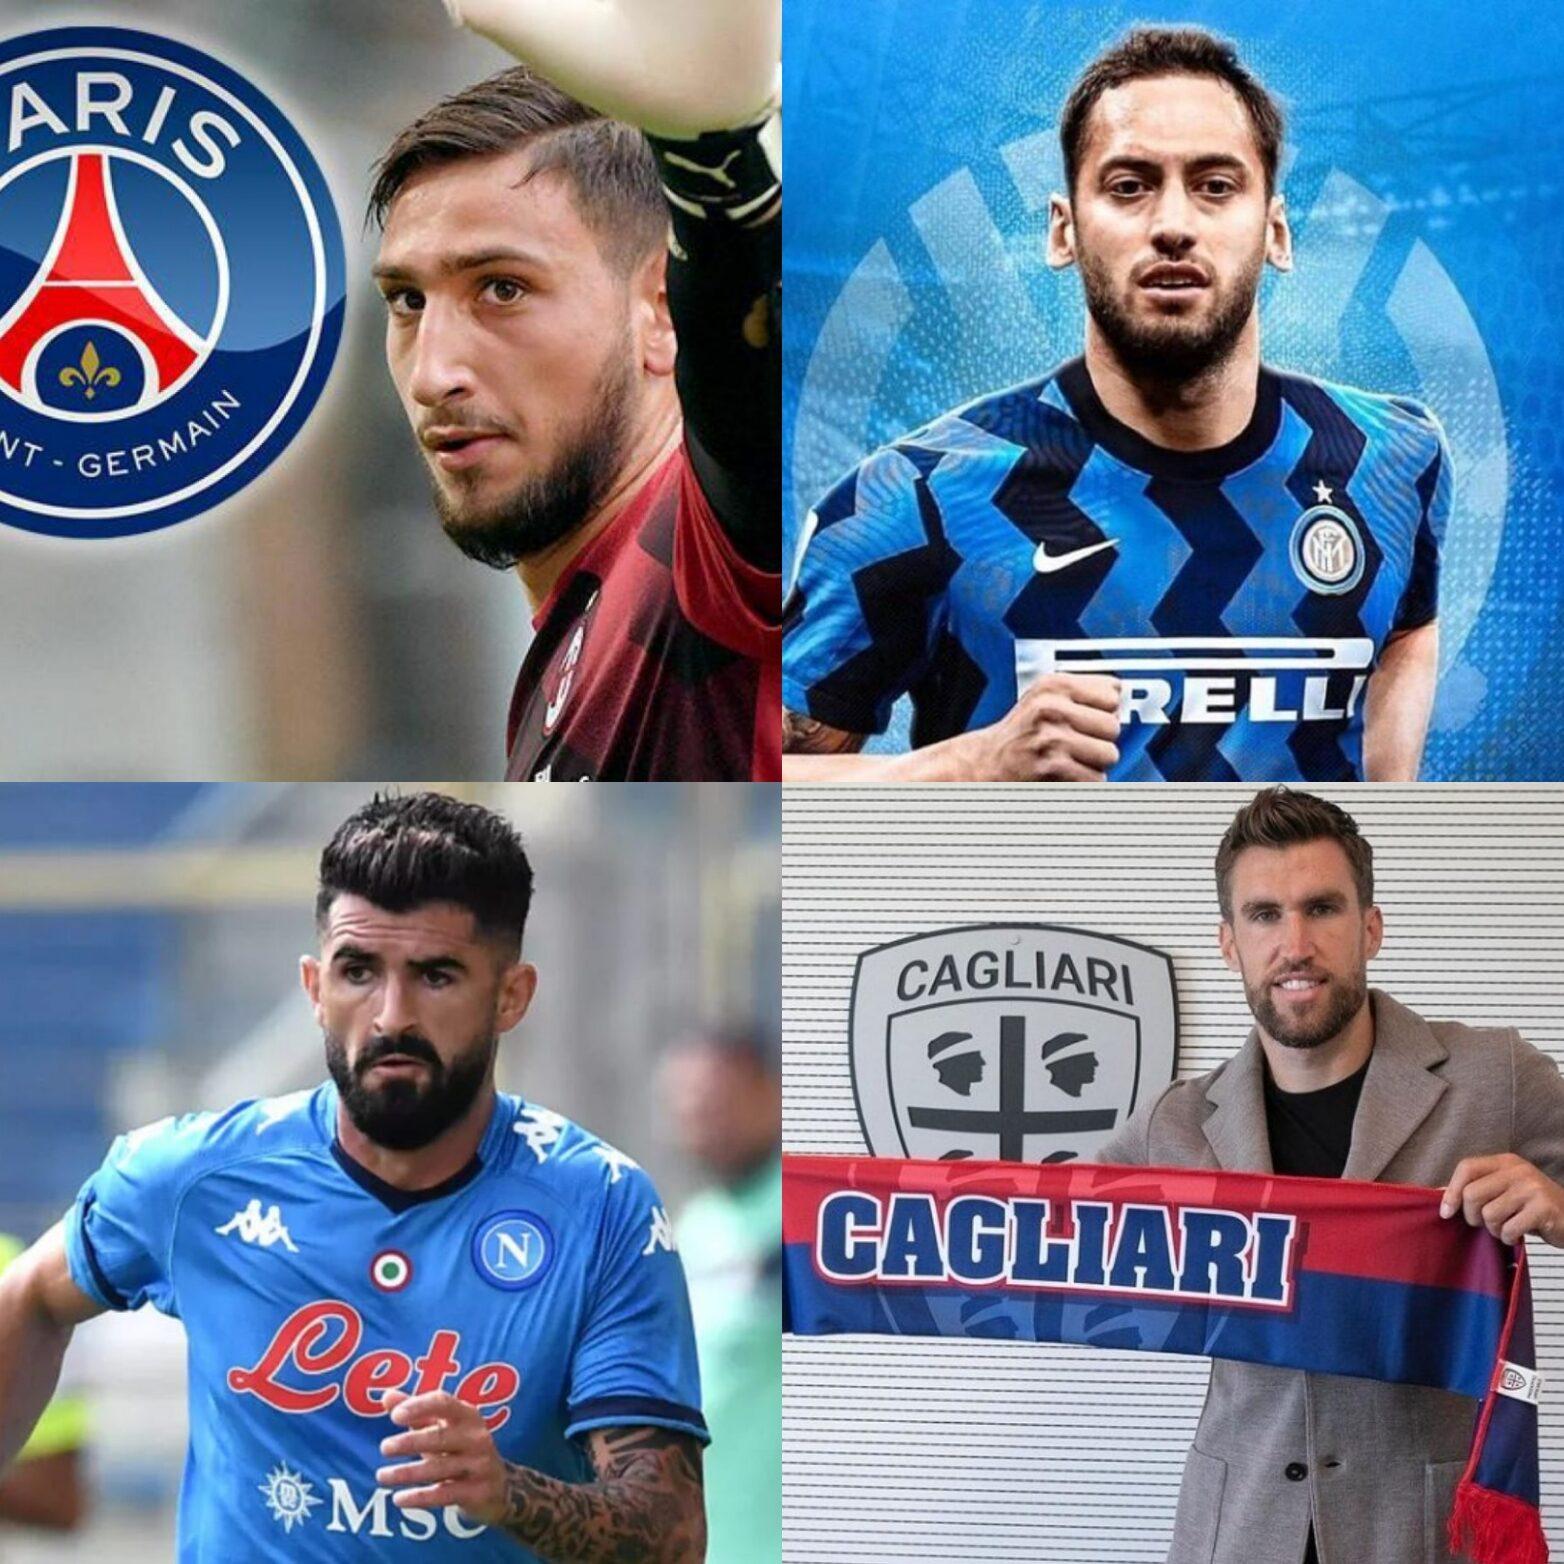 Serie A, acquisti e cessioni ufficiali: Donnarumma, Calhanoglu, Hysaj, Strootman e i nuovi colpi